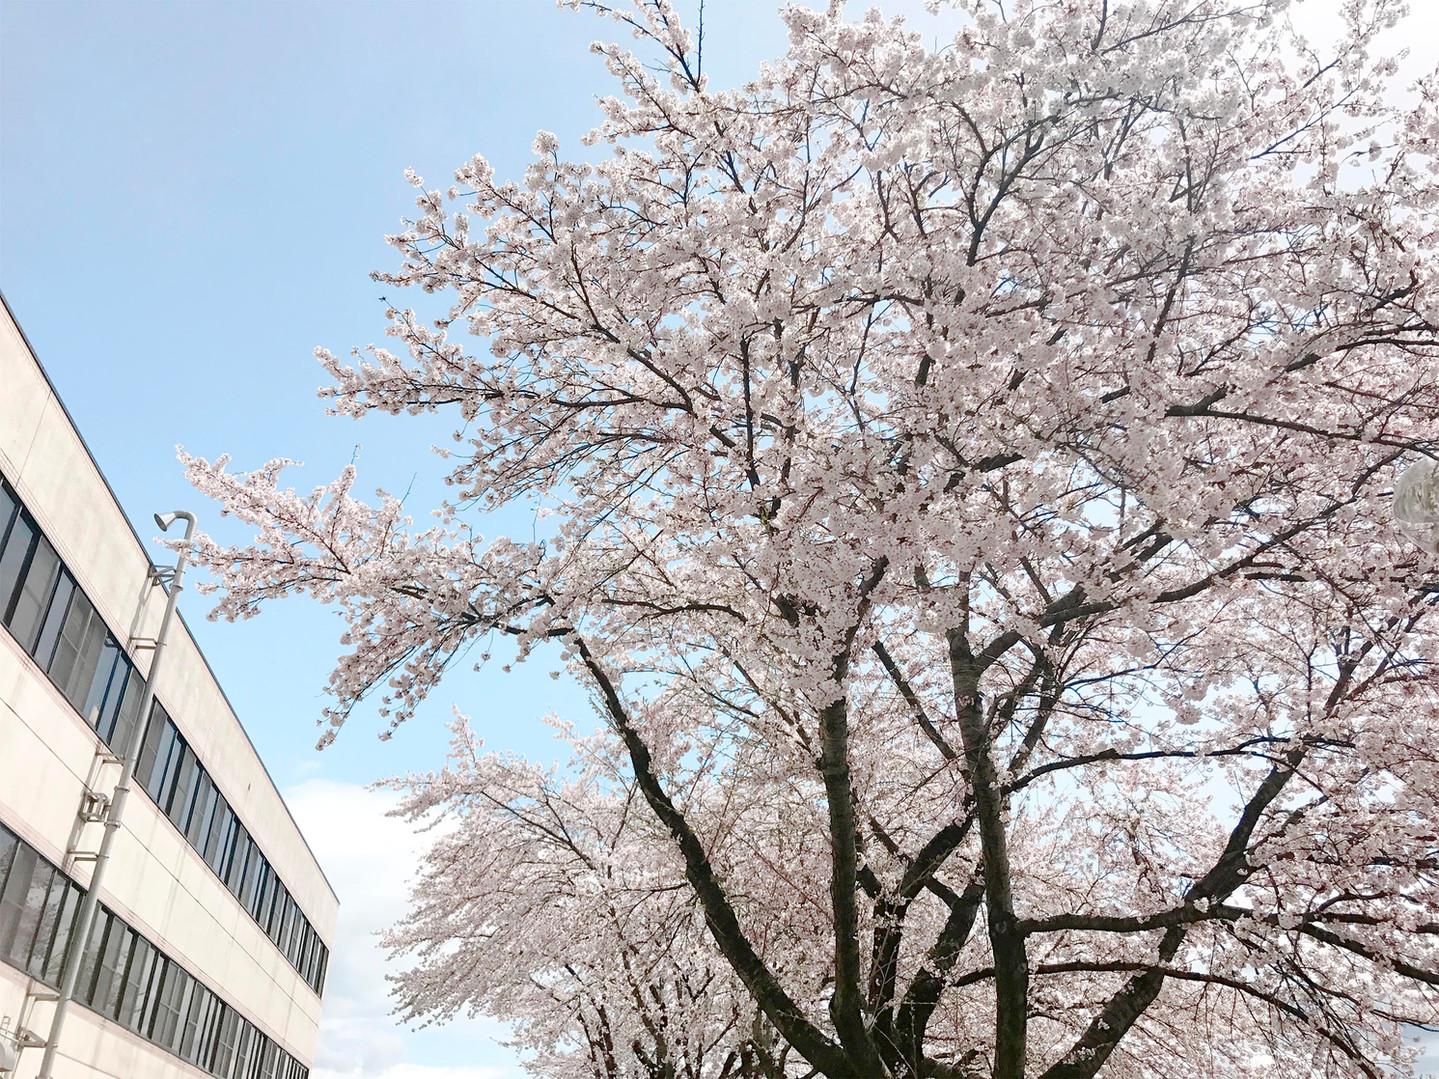 病院の桜の木。寒河江市桜の名所10選「寒河江見まもり桜」